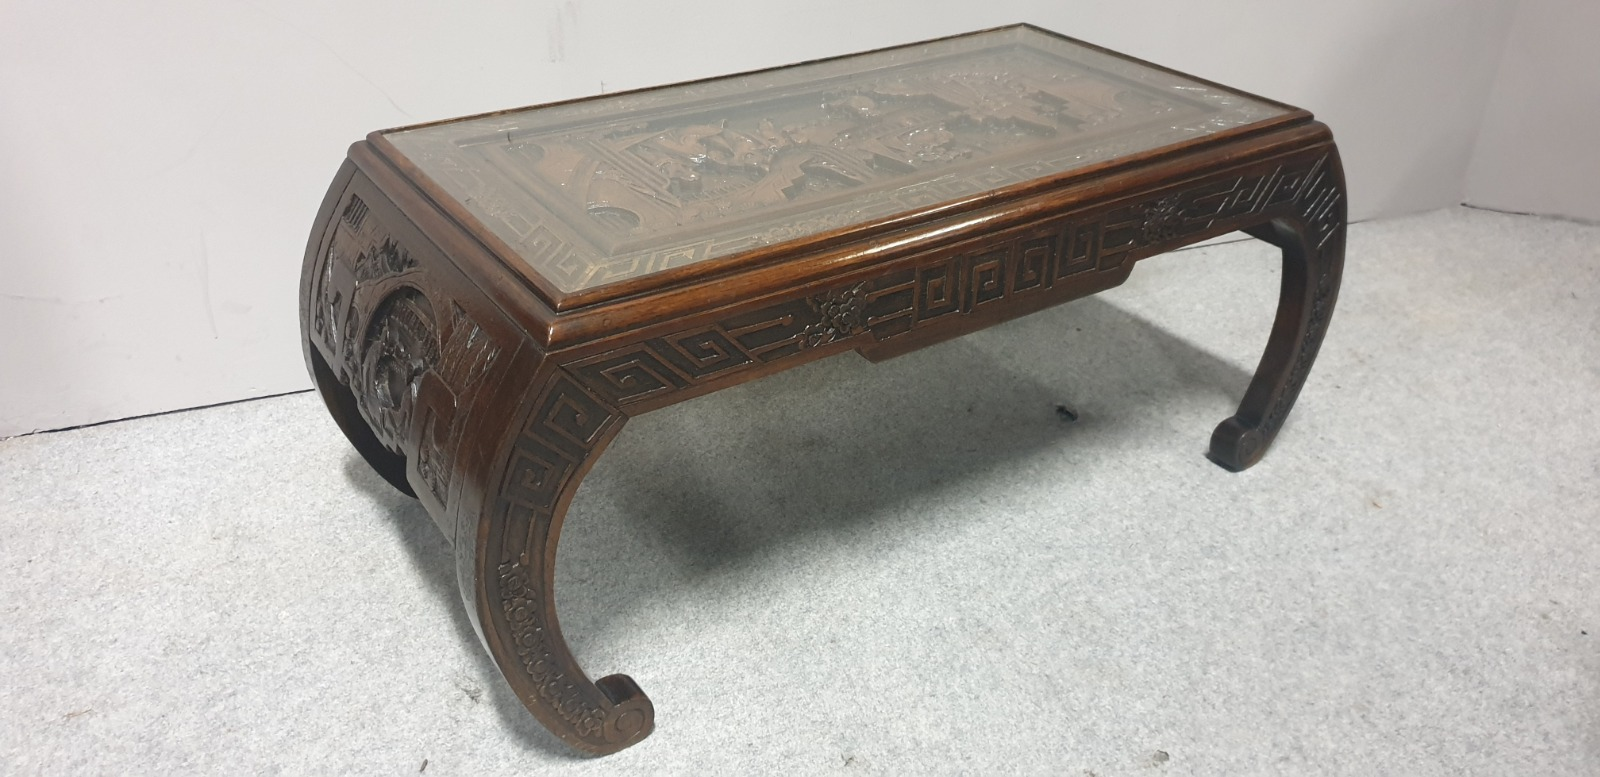 Oriental Carved Opium Table c.1920 (1 of 1)